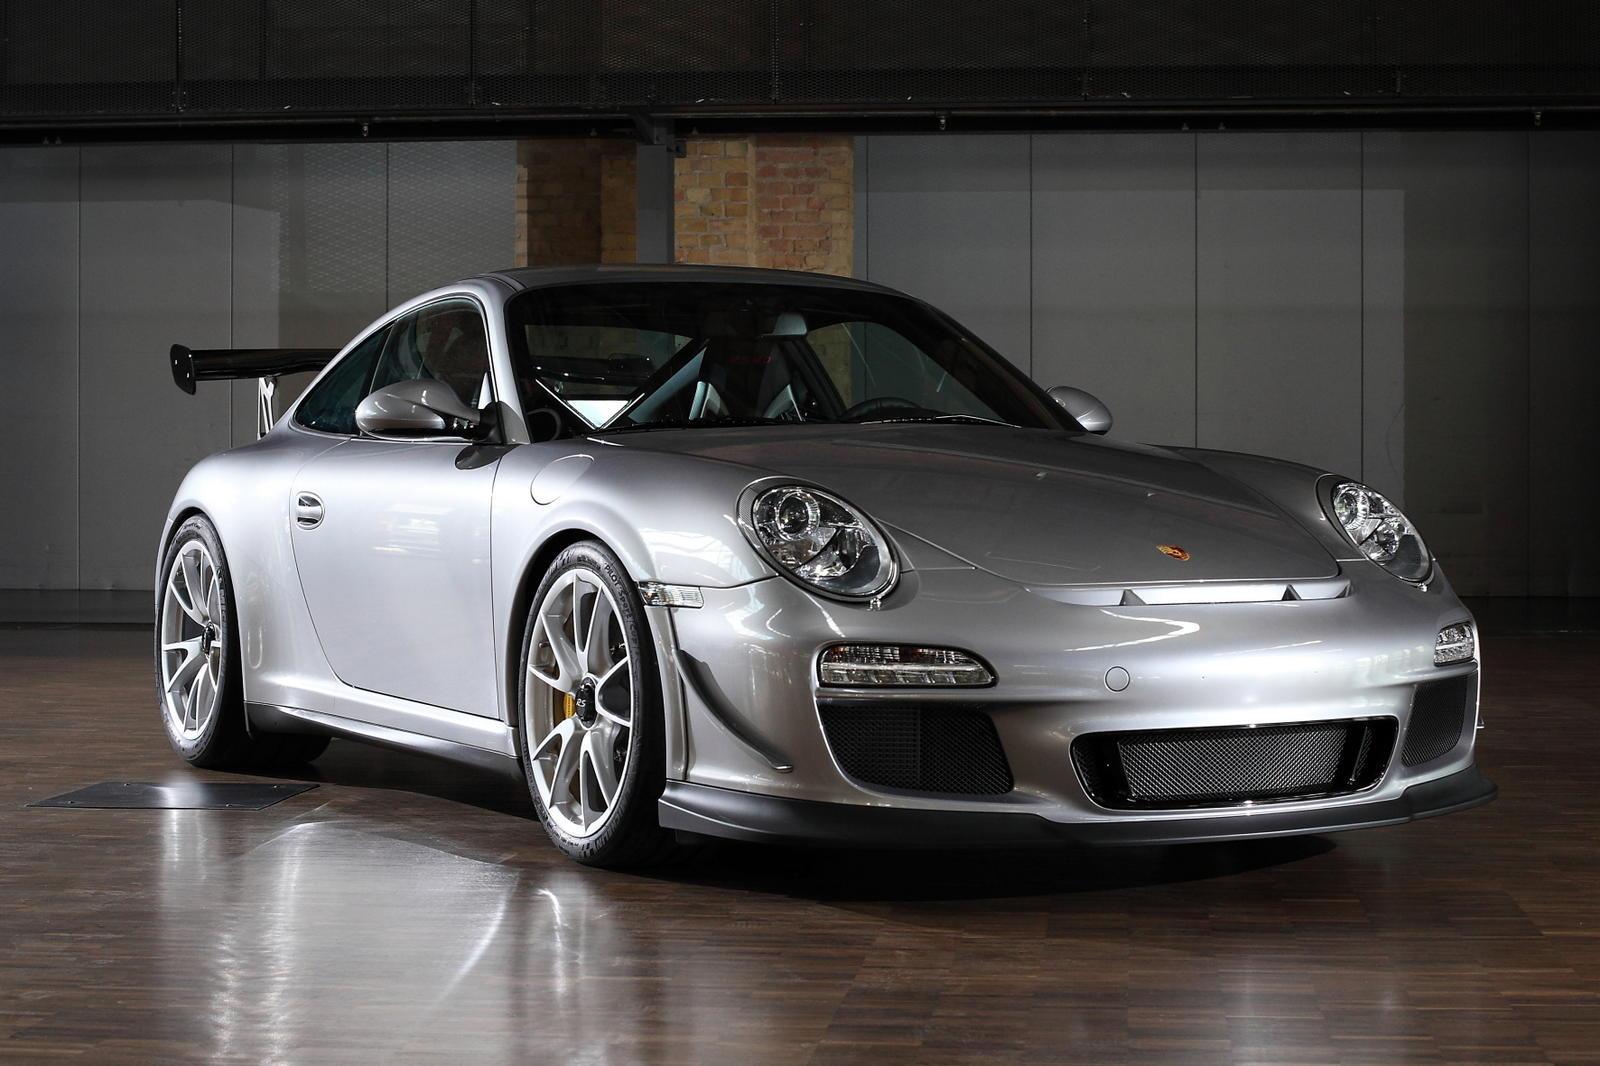 Porsche 911 Gt3 For Sale >> Porsche 997 Specification by Trim | Rennlist